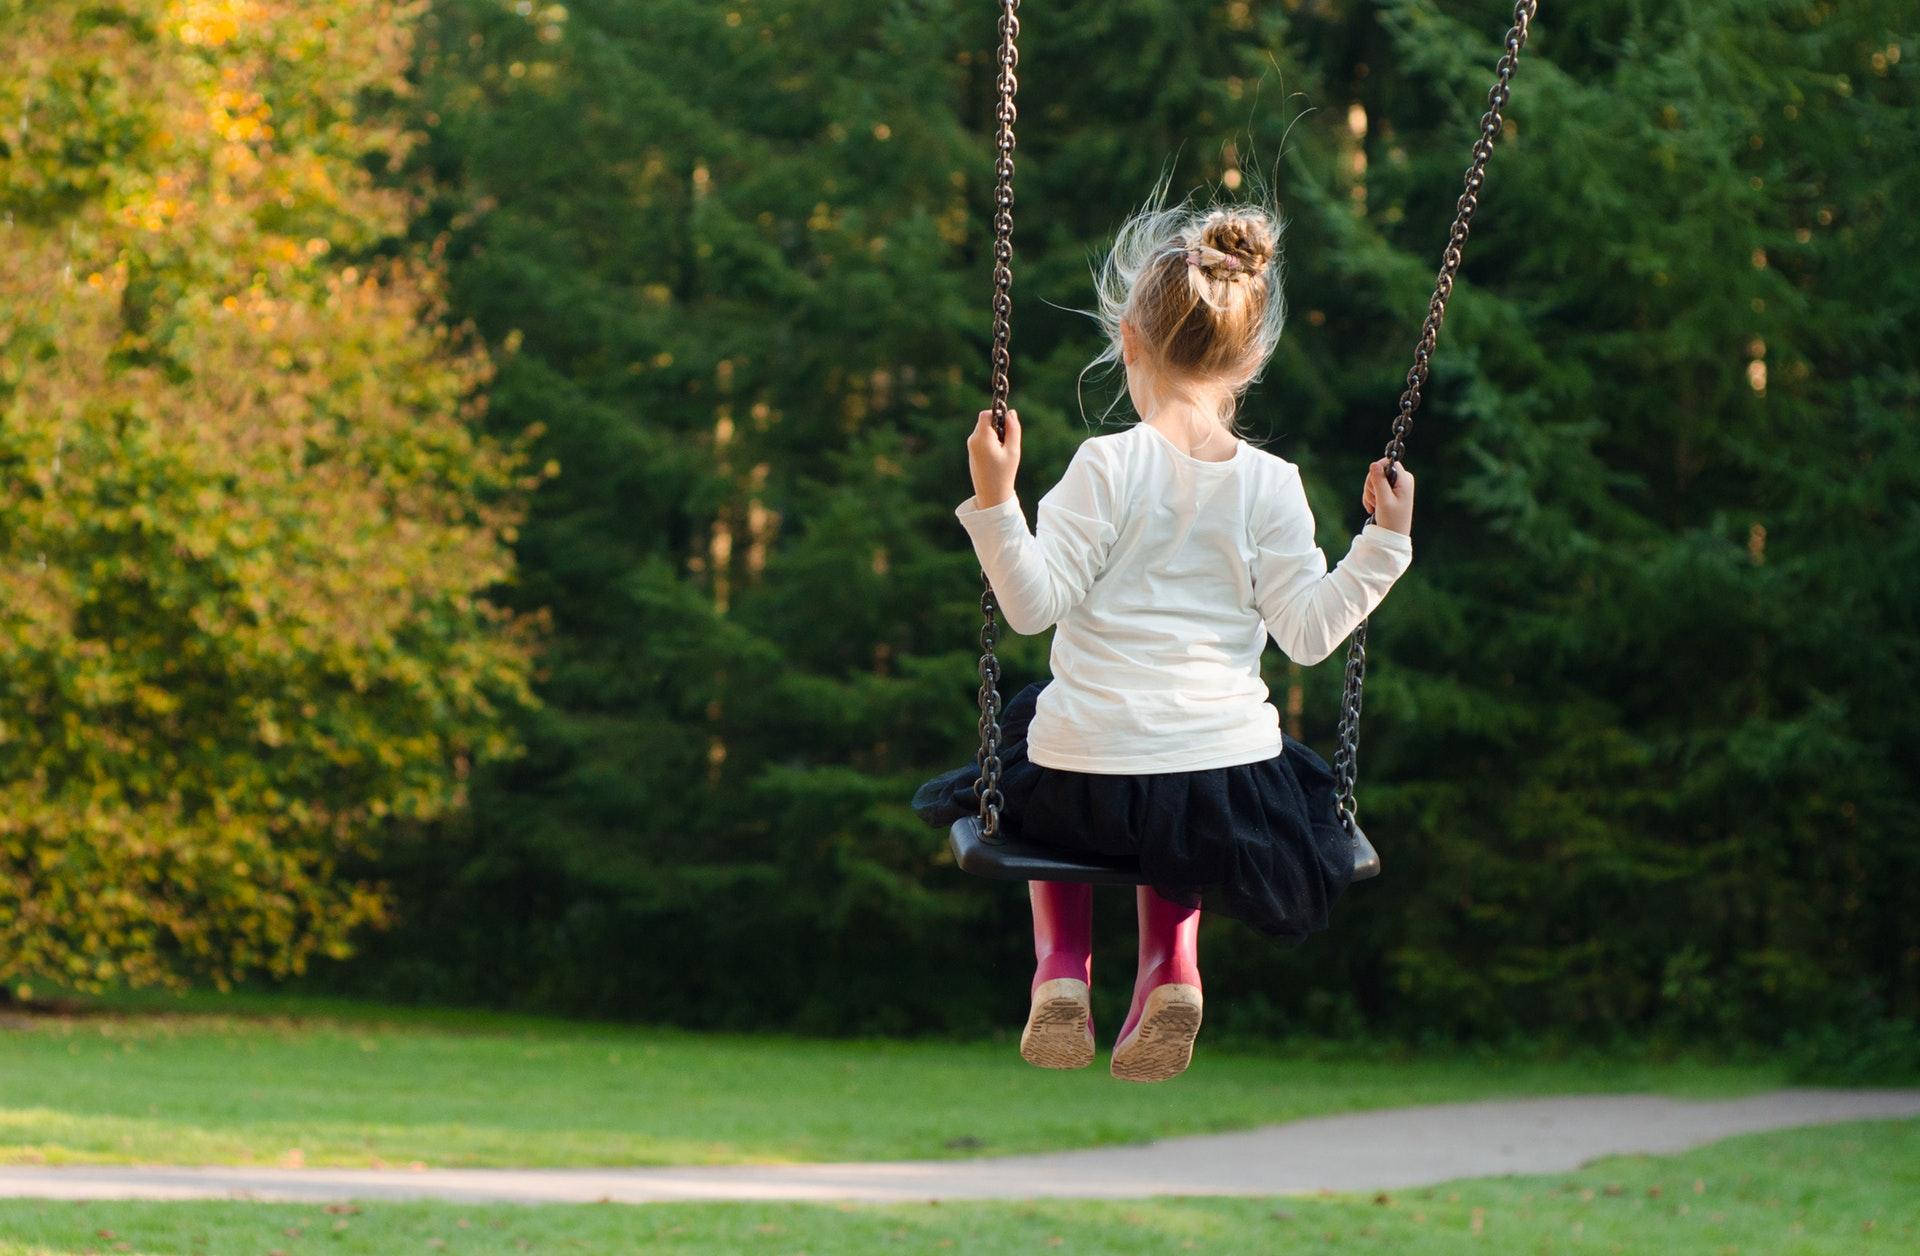 Çocuk Sahibi Olmak mı, Olduktan Sonra Yetiştirmek mi Daha Zor?